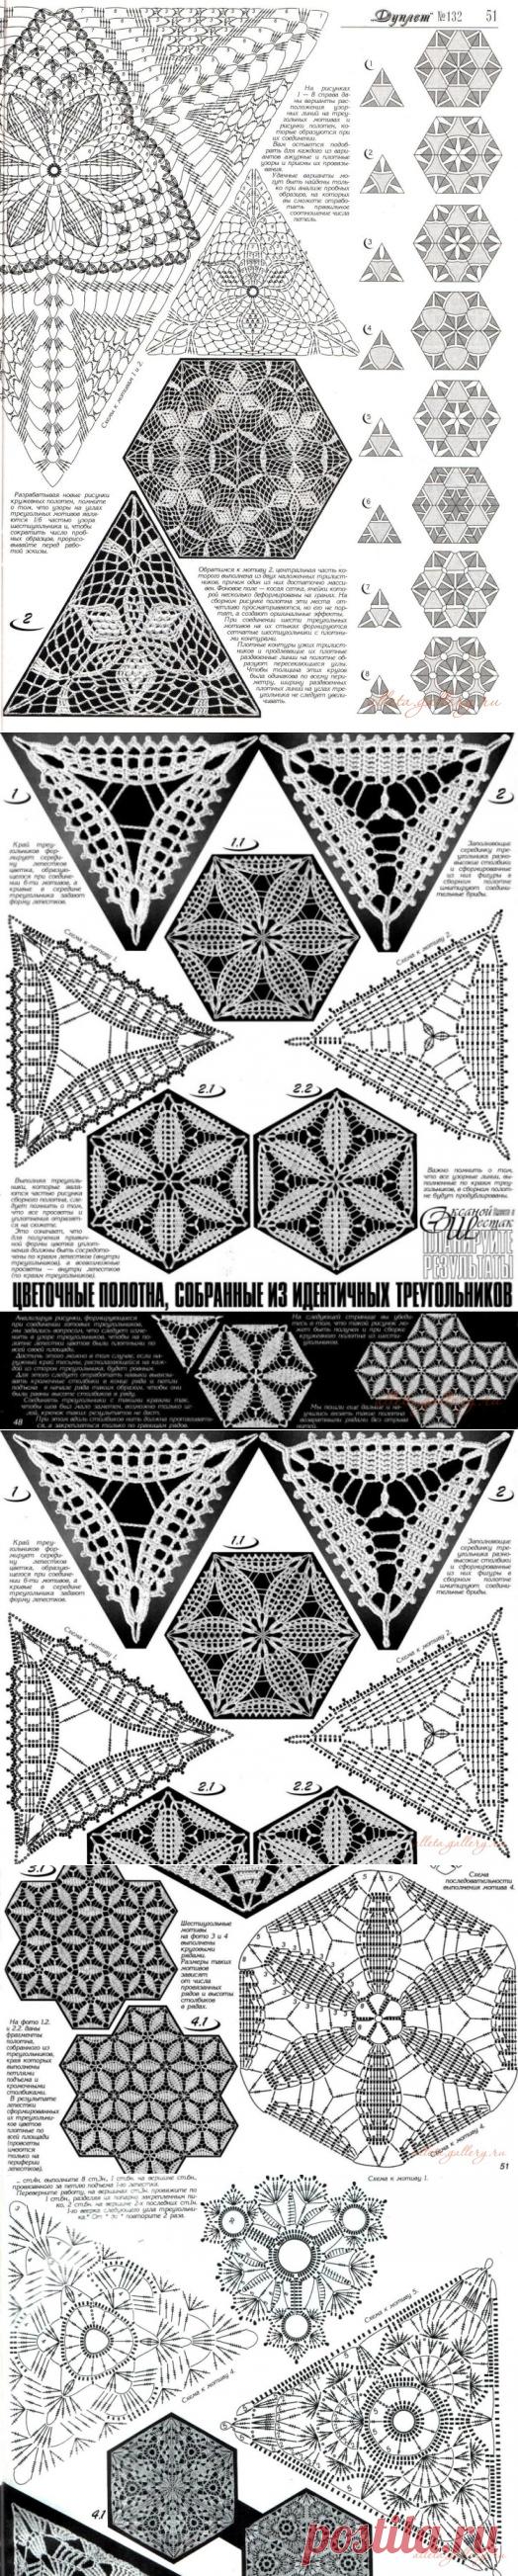 Крючком ленточное вязание триугольных мотивов